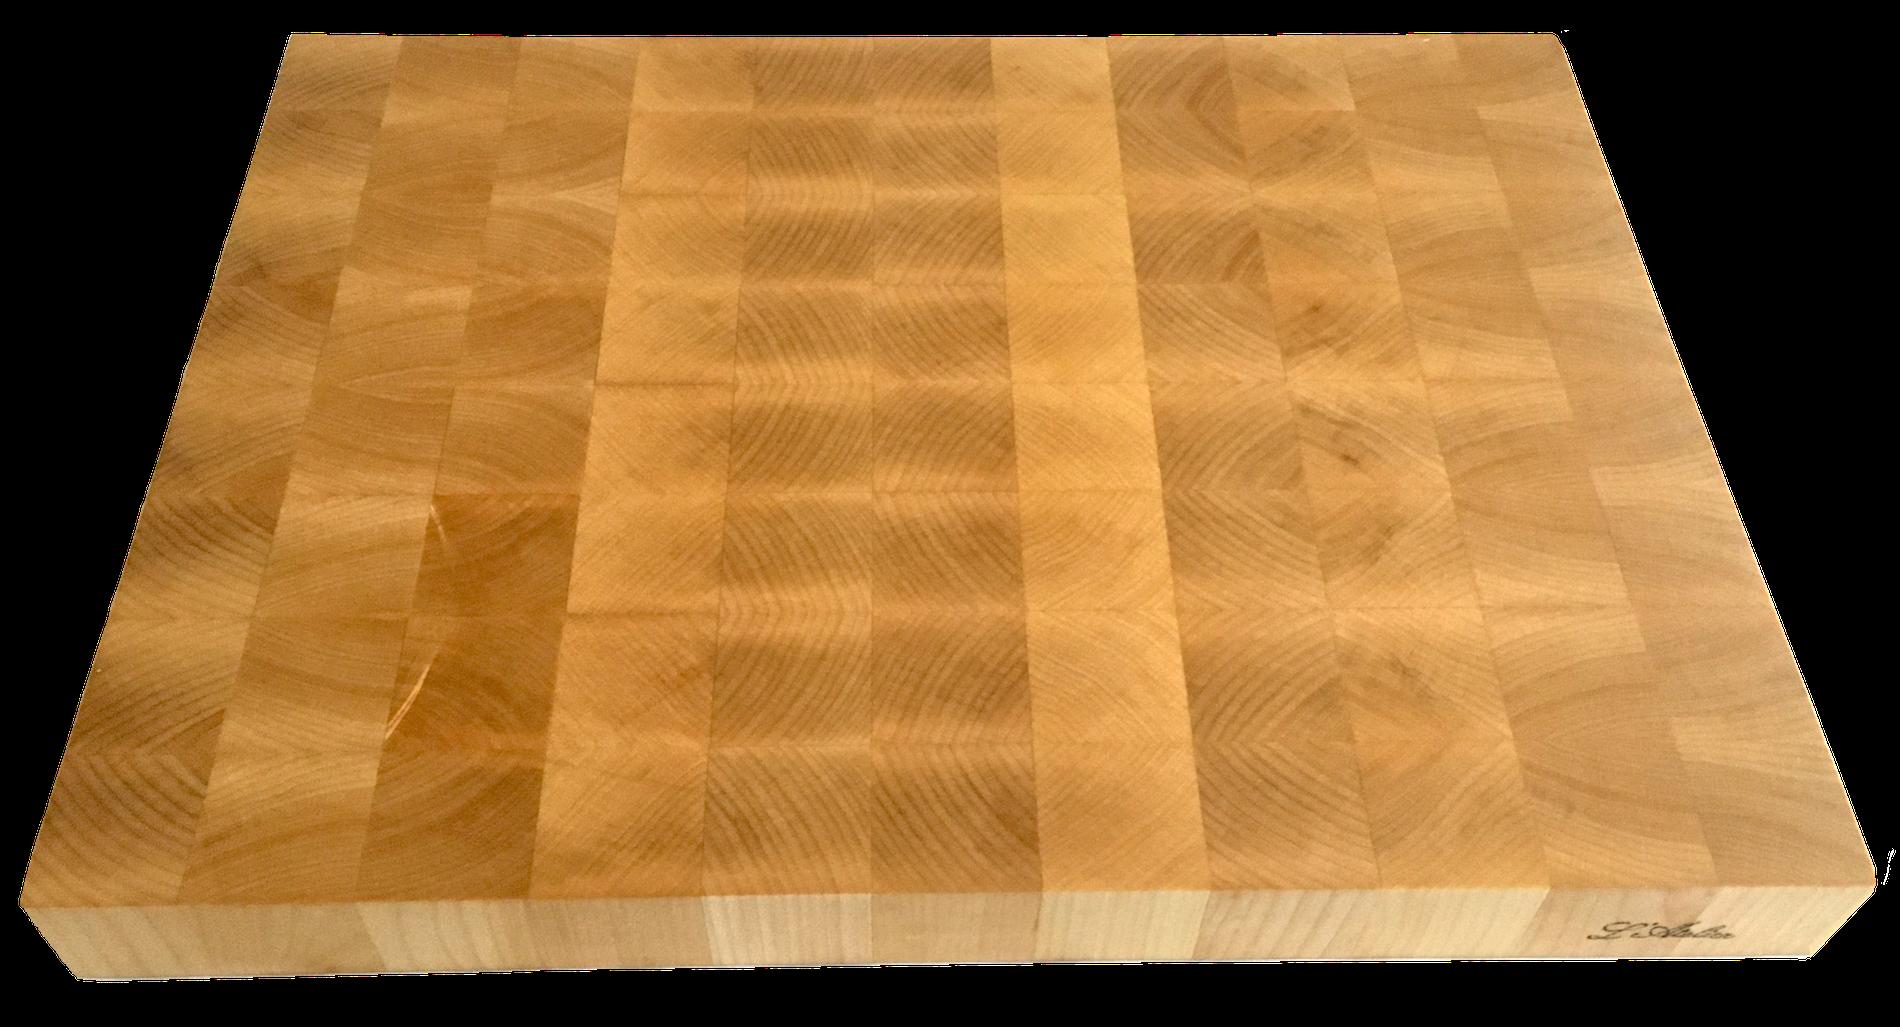 Il tagliere di legno d'acero, lavorato end-grain, per l'uso di coltelli da cucina di grande qualità.